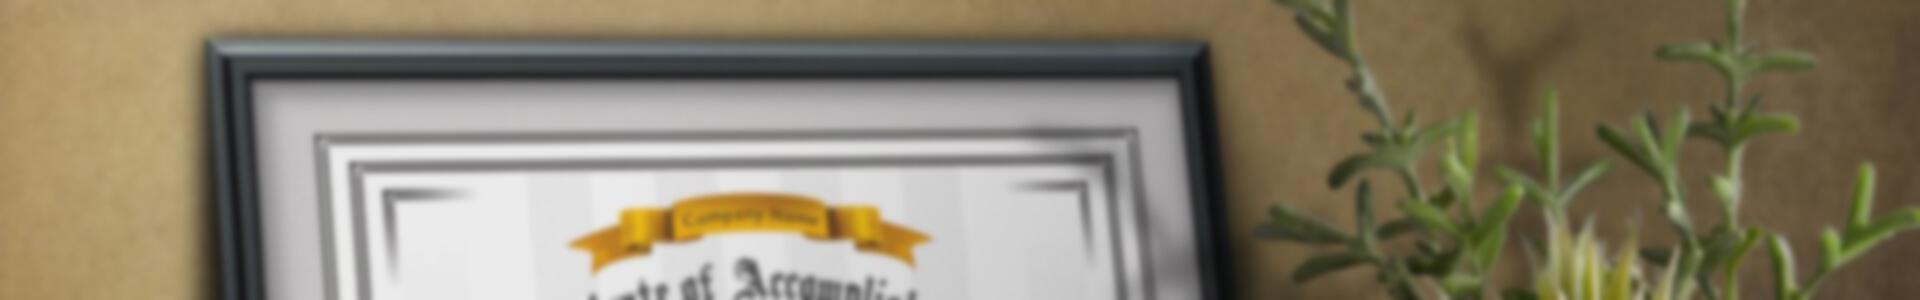 certificate  - certificate-